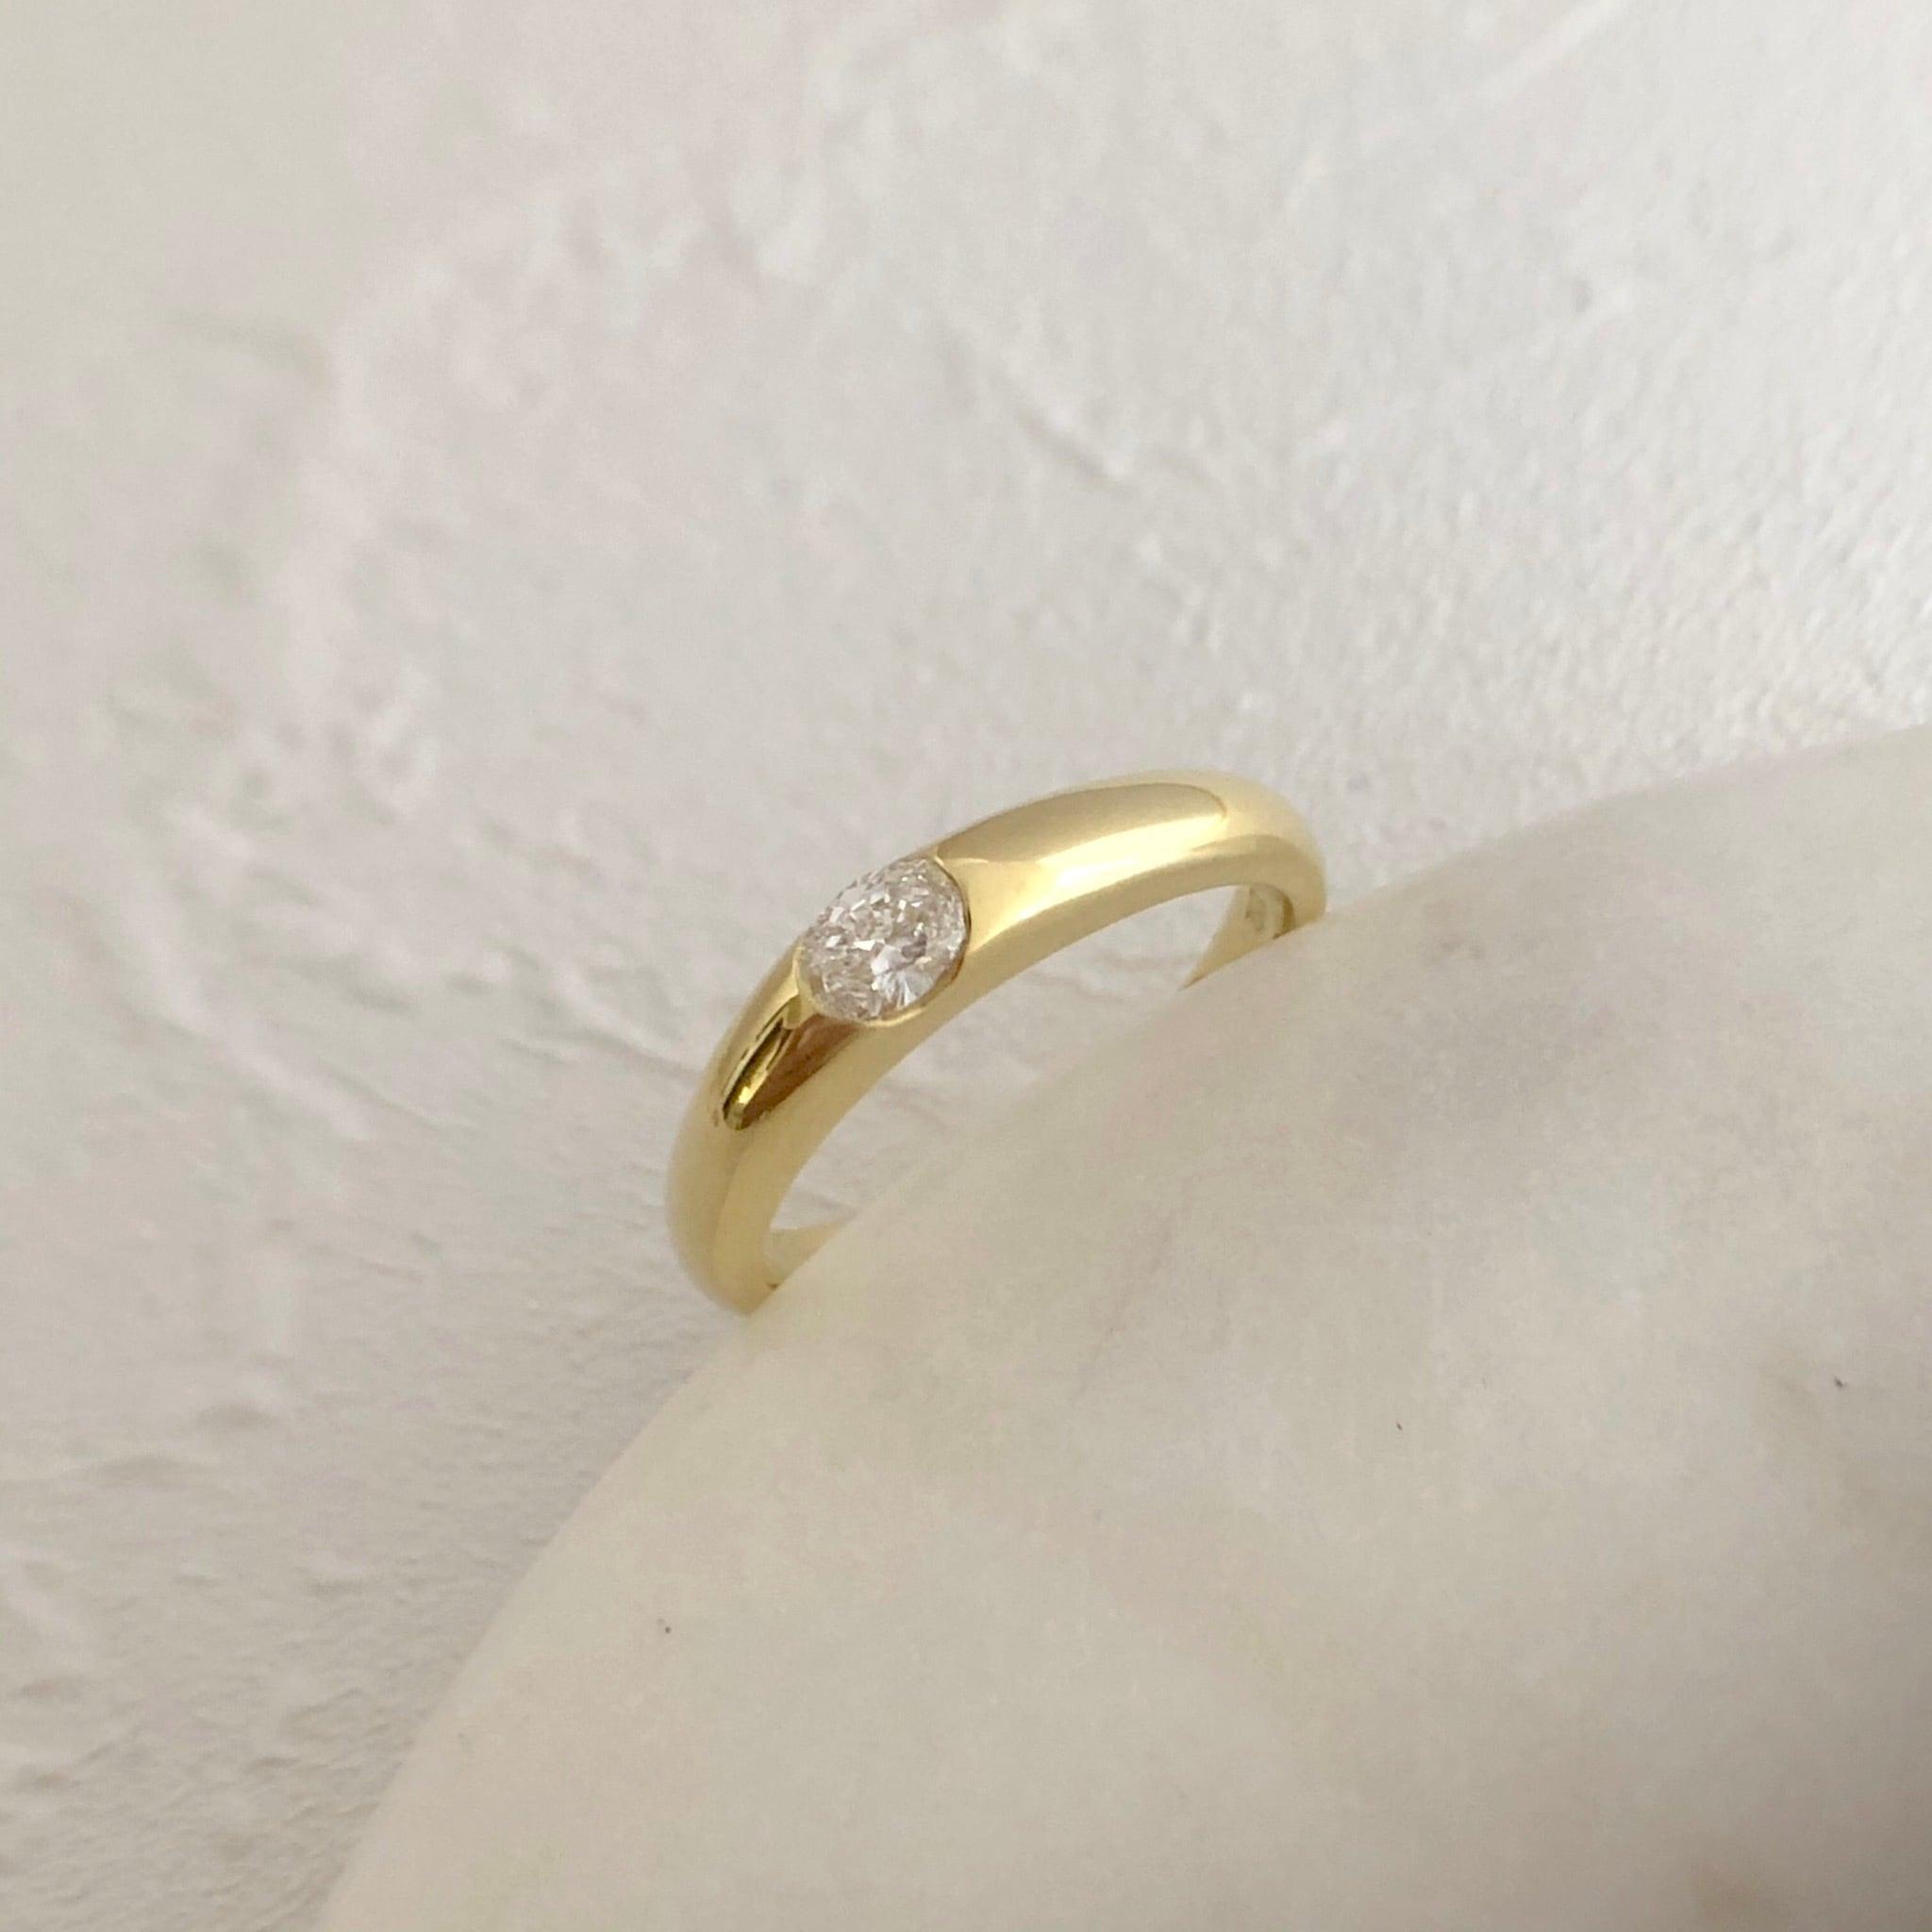 オーバルカットダイヤモンド リング  0.20ct  K18イエローゴールド  チェカ 鑑別書付